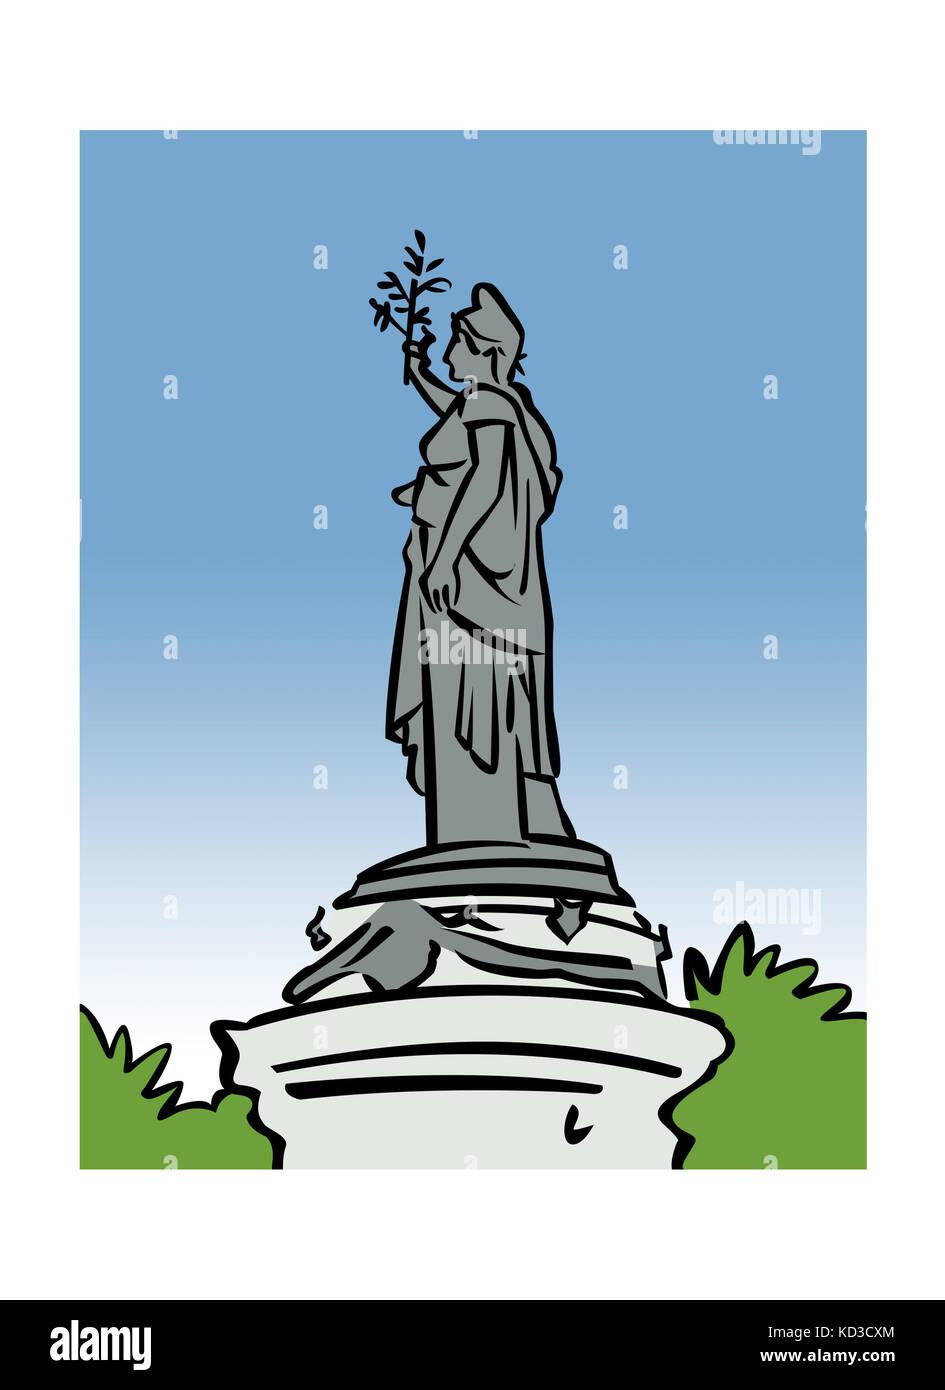 Illustration of the monument at Place de la RŽpublique in Paris, France - Stock Image